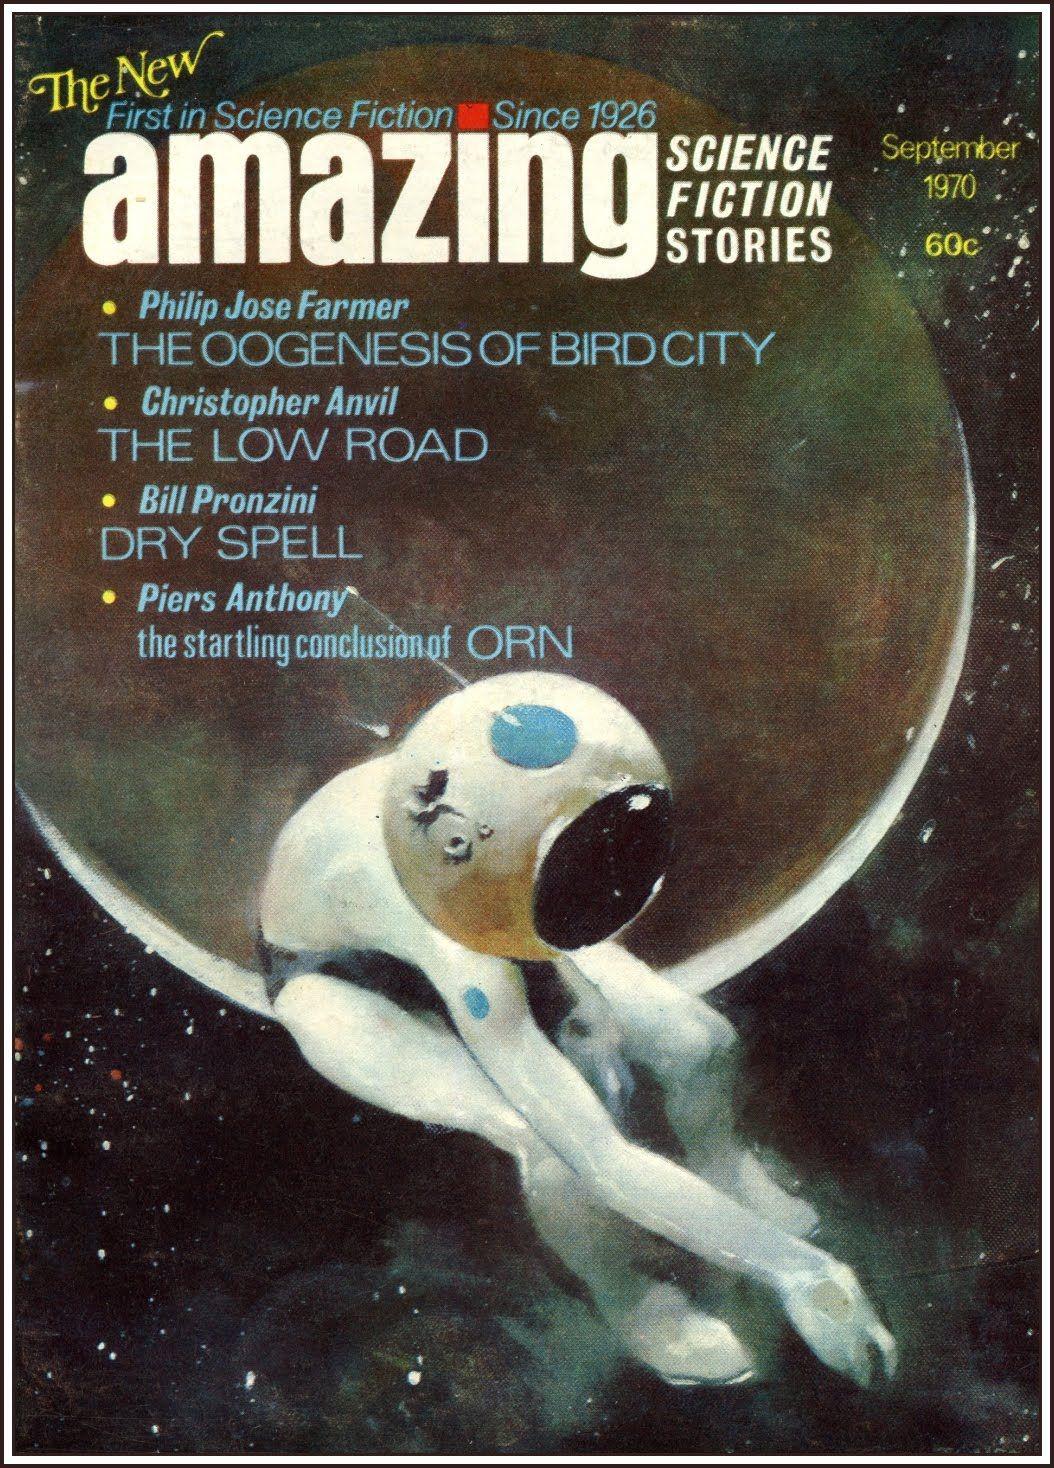 Amazing, Sept. 1970, cover by Jeff Jones